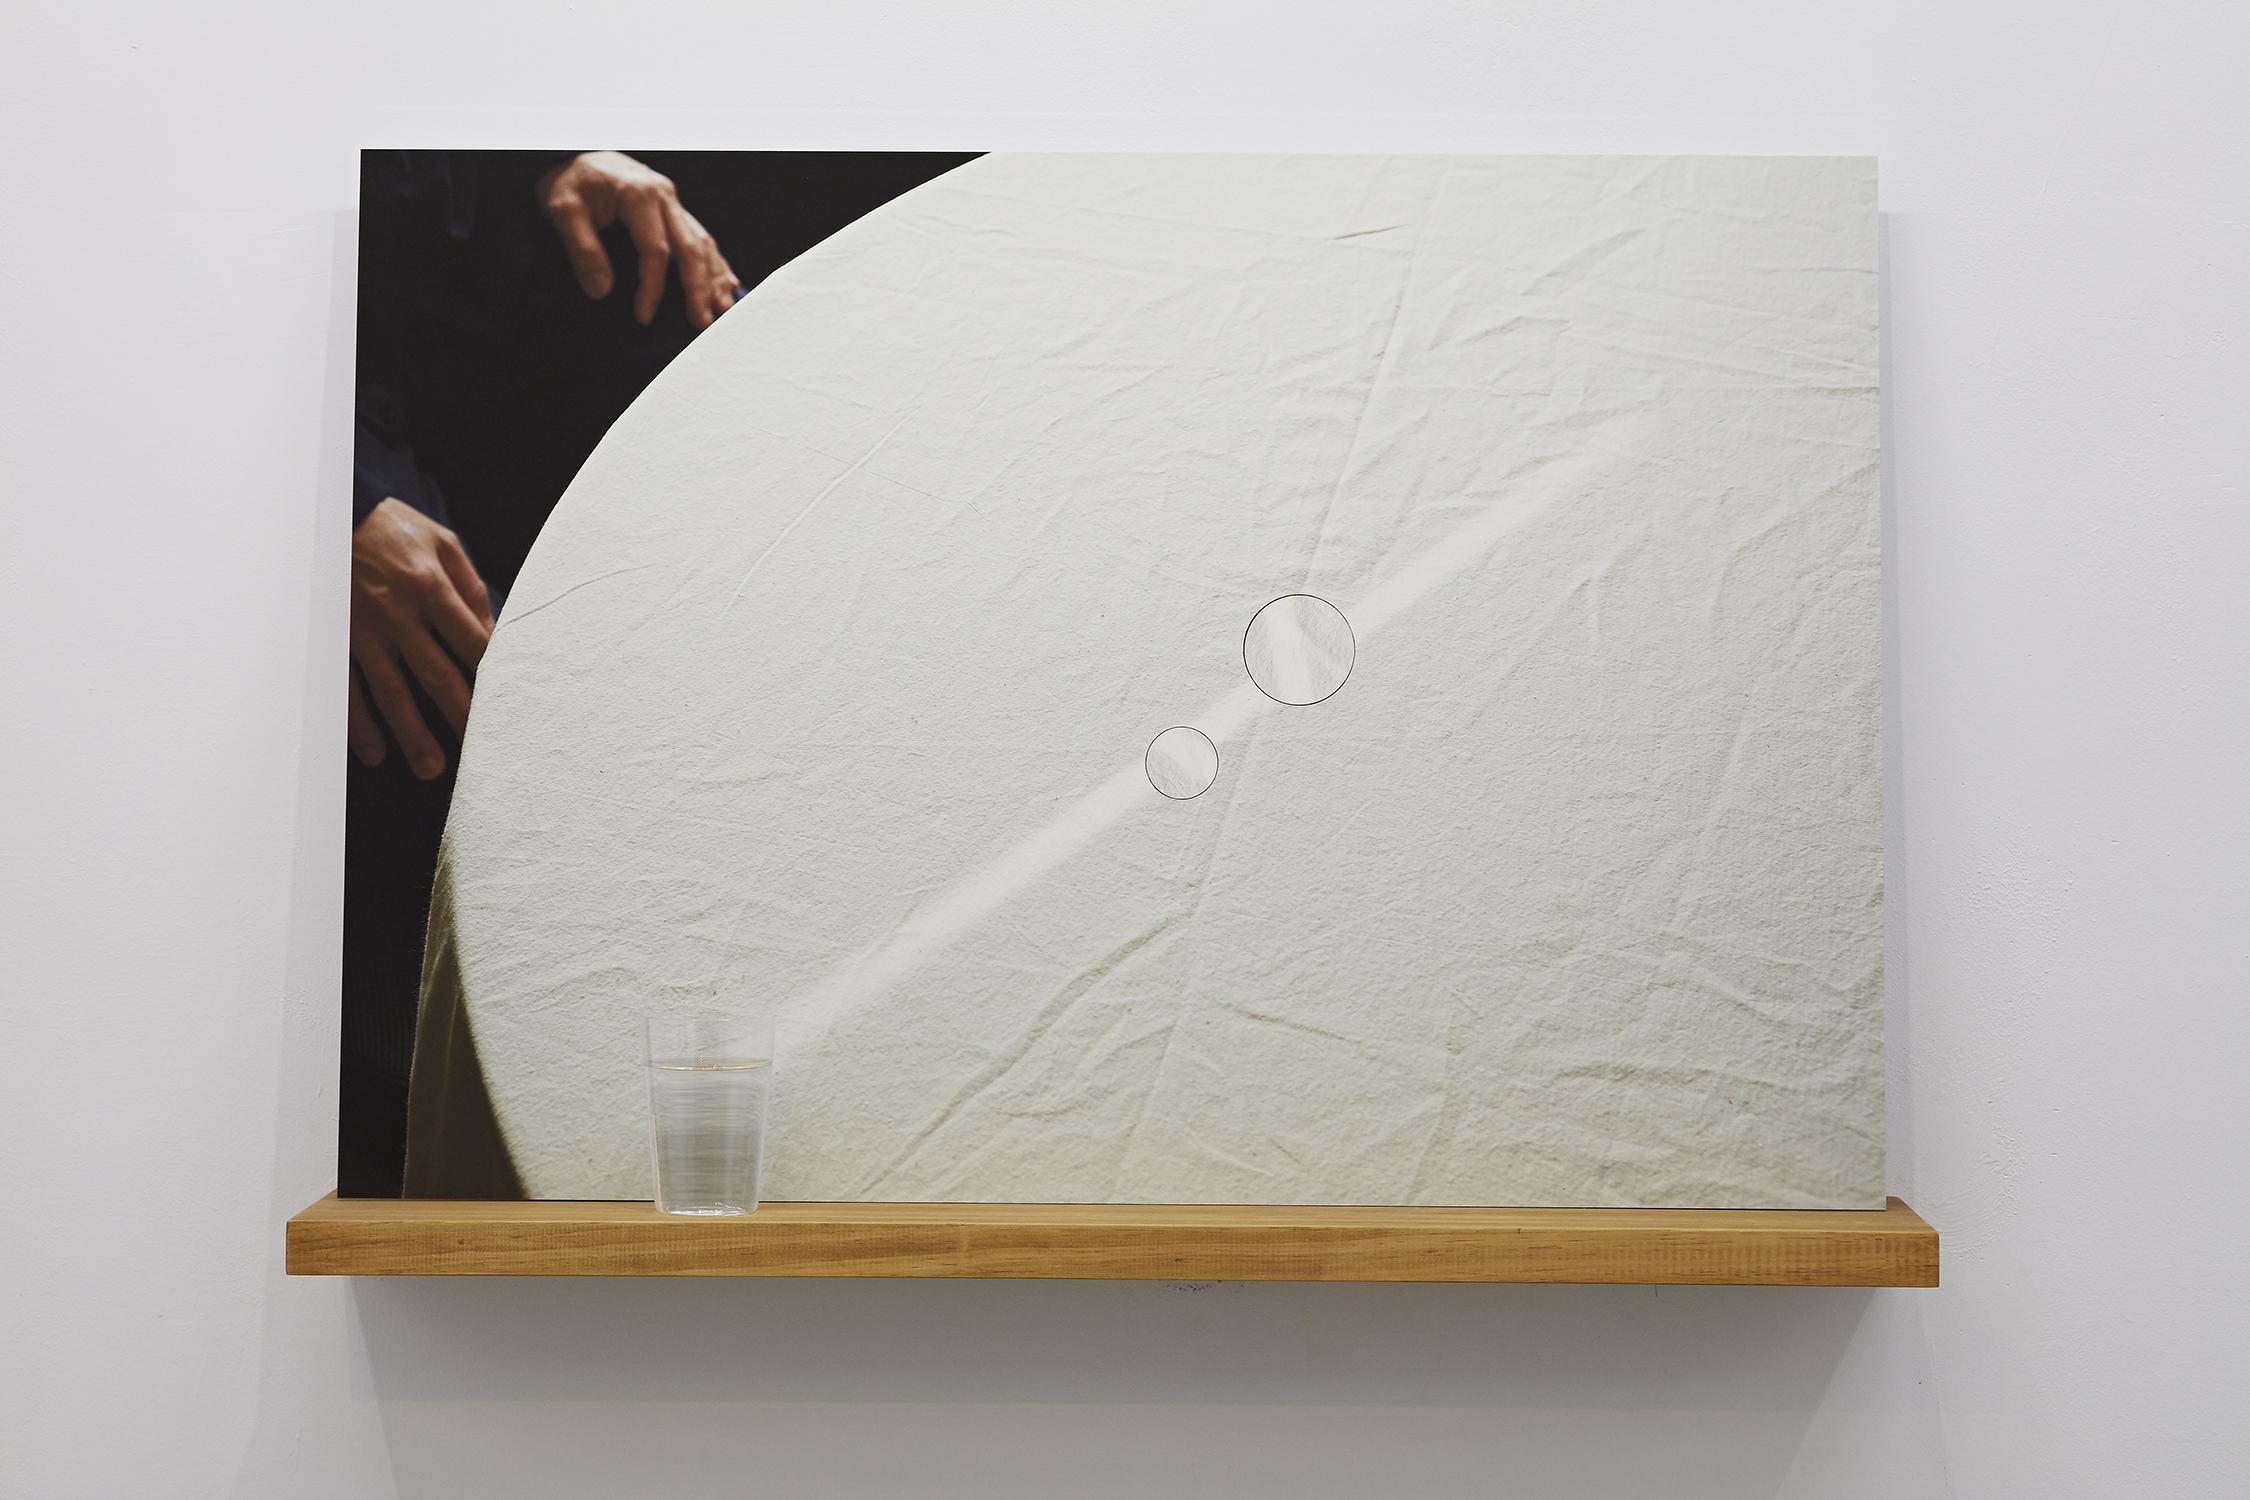 王雅慧,《光年》,93×65.04×20cm,藝術紙鋁板裱褙/實木層板/玻璃杯/水/時鐘機芯×2,2020。 攝影|劉信佑